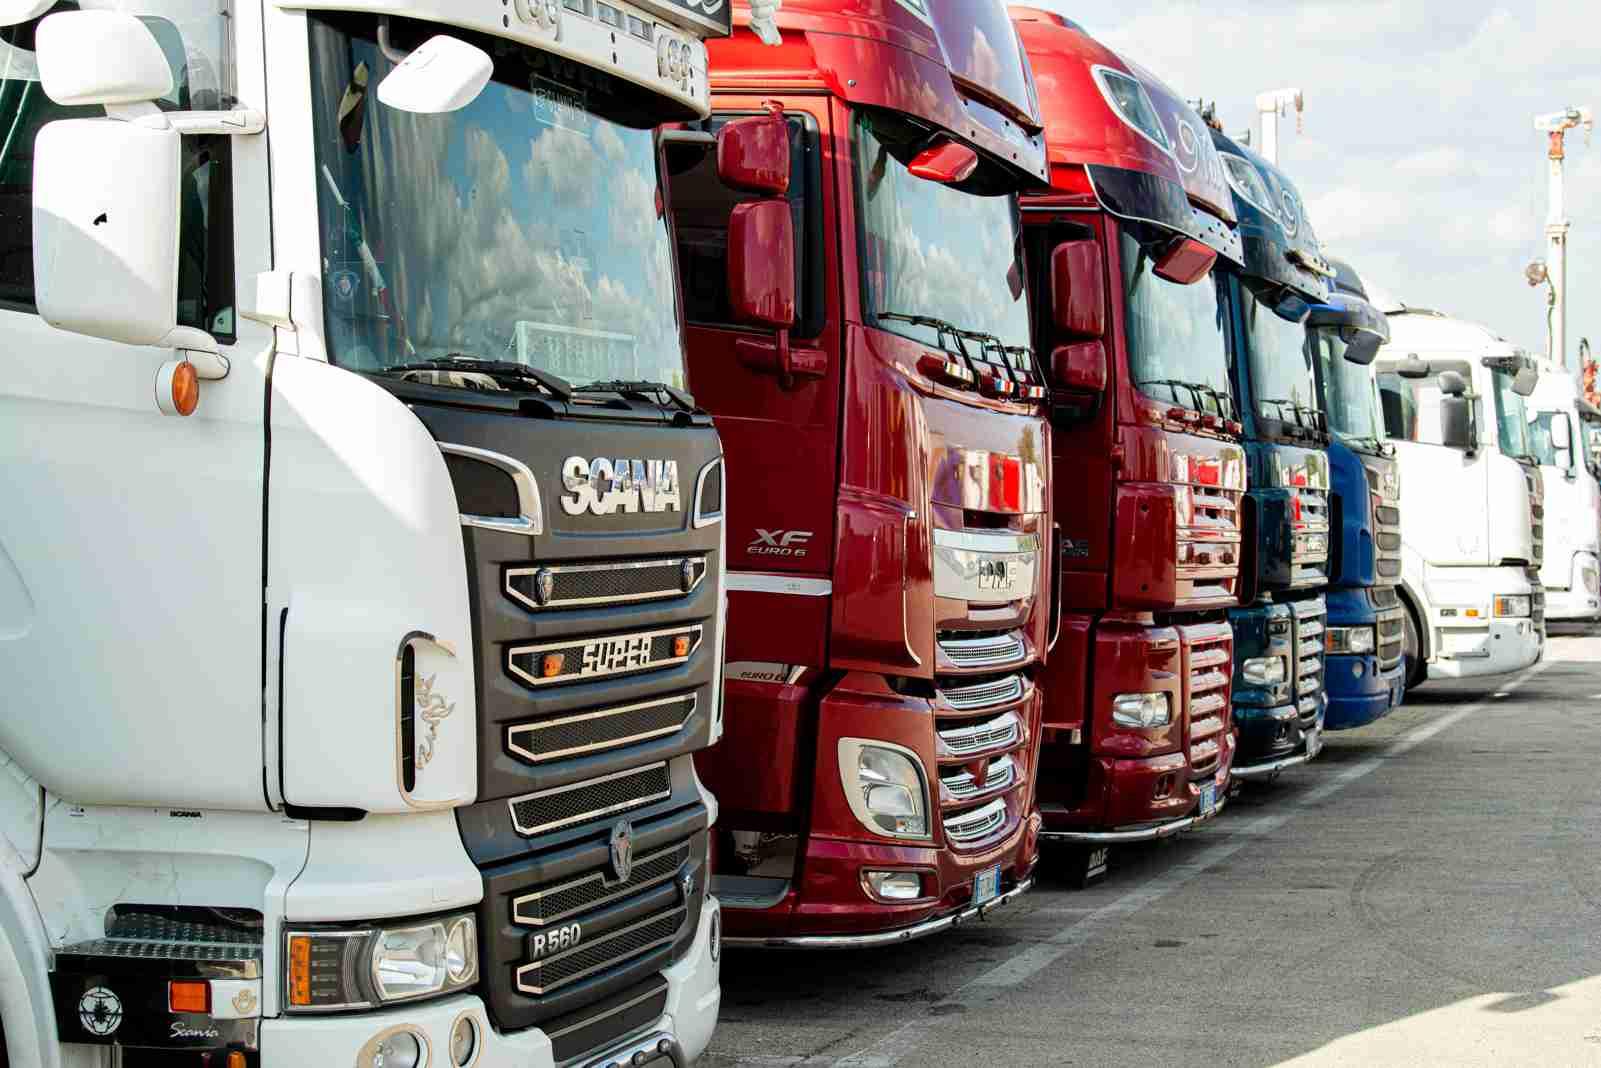 Truck GAA Trasporti